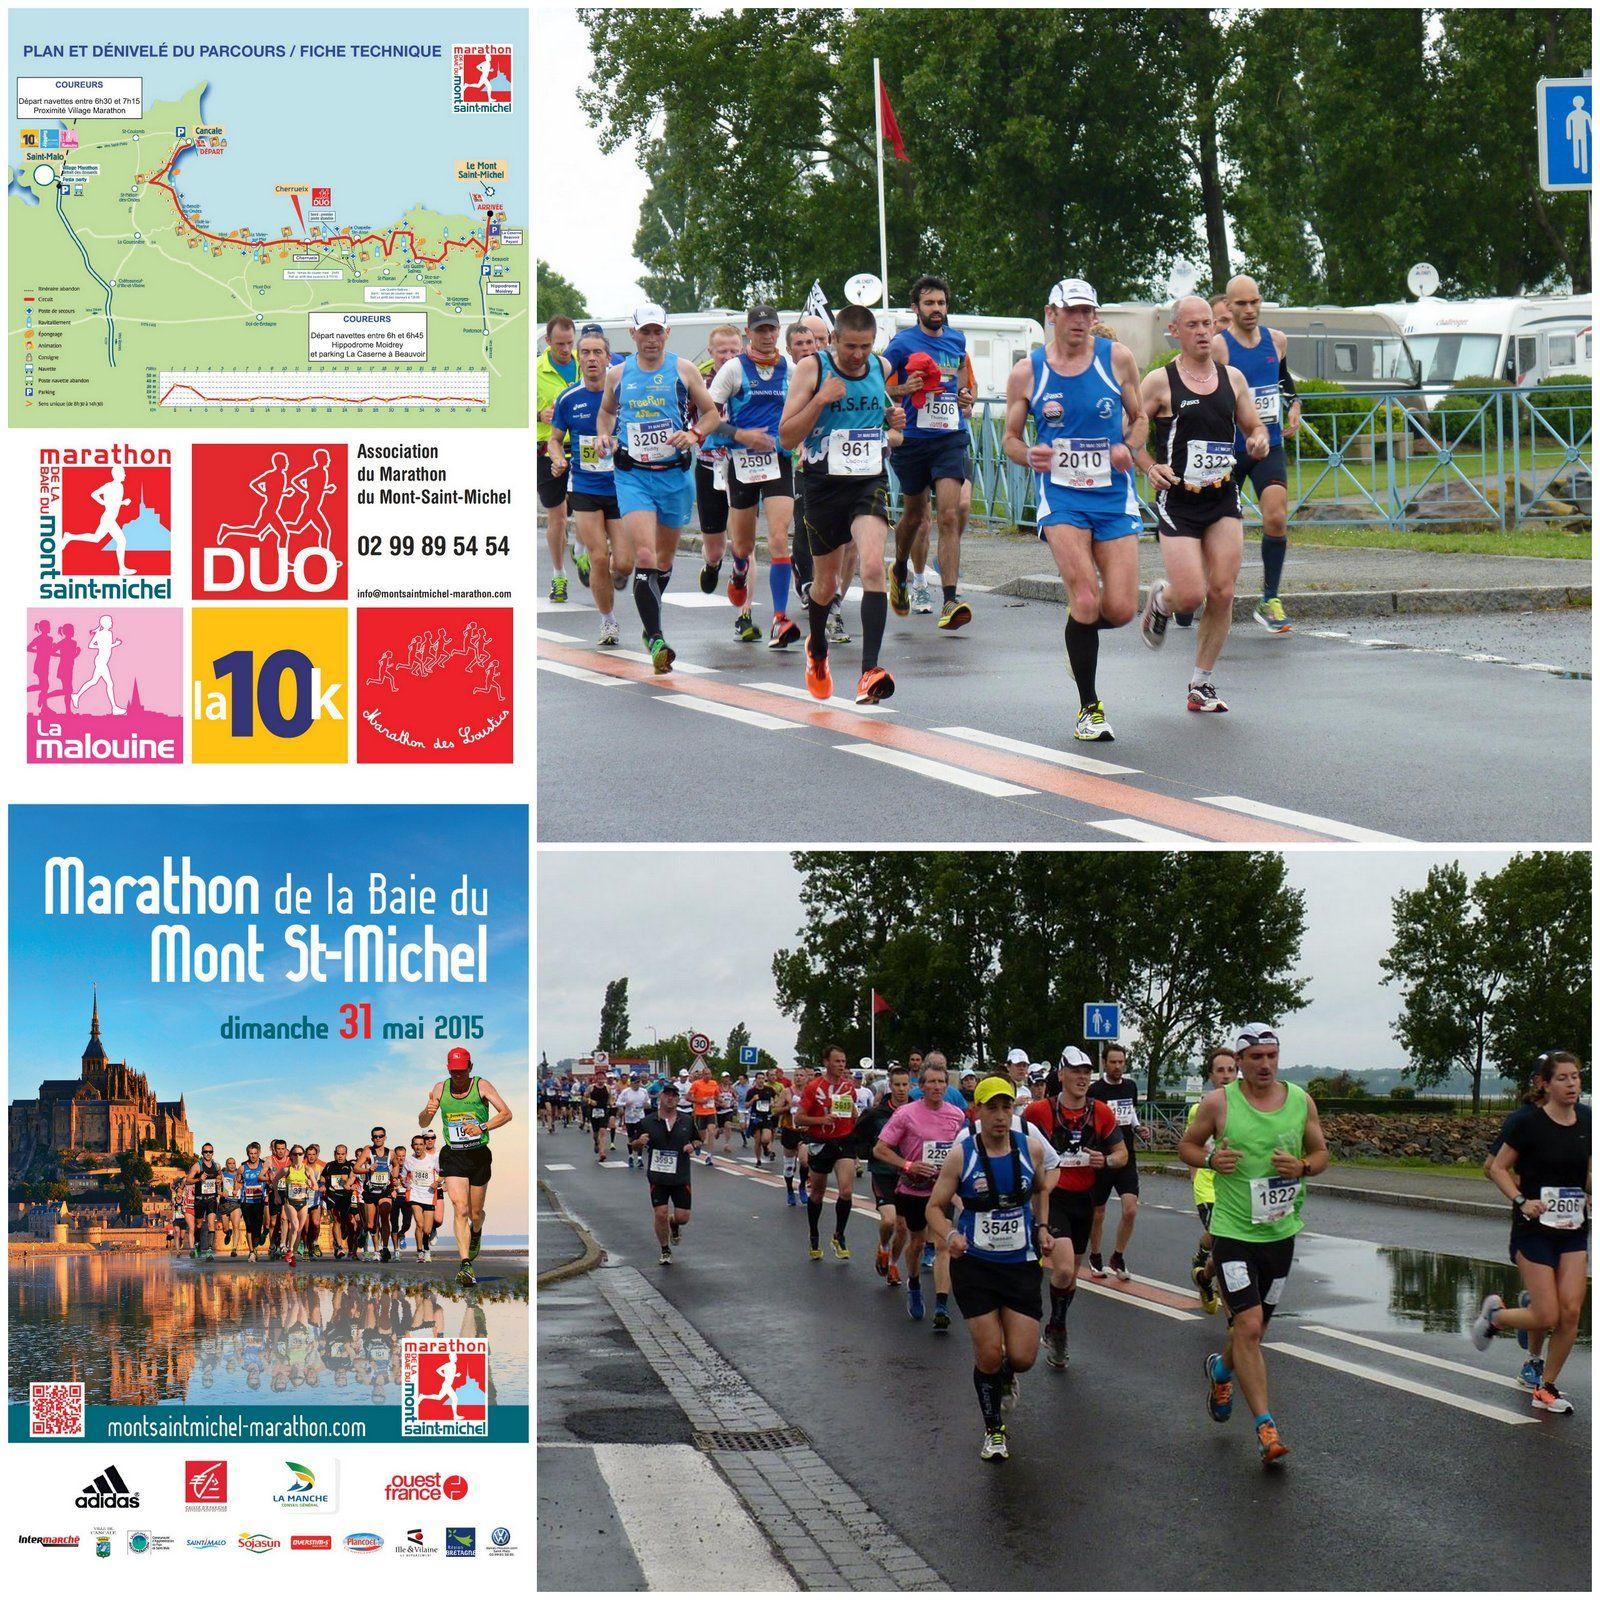 marathon du mont michel dimanche 31 mai